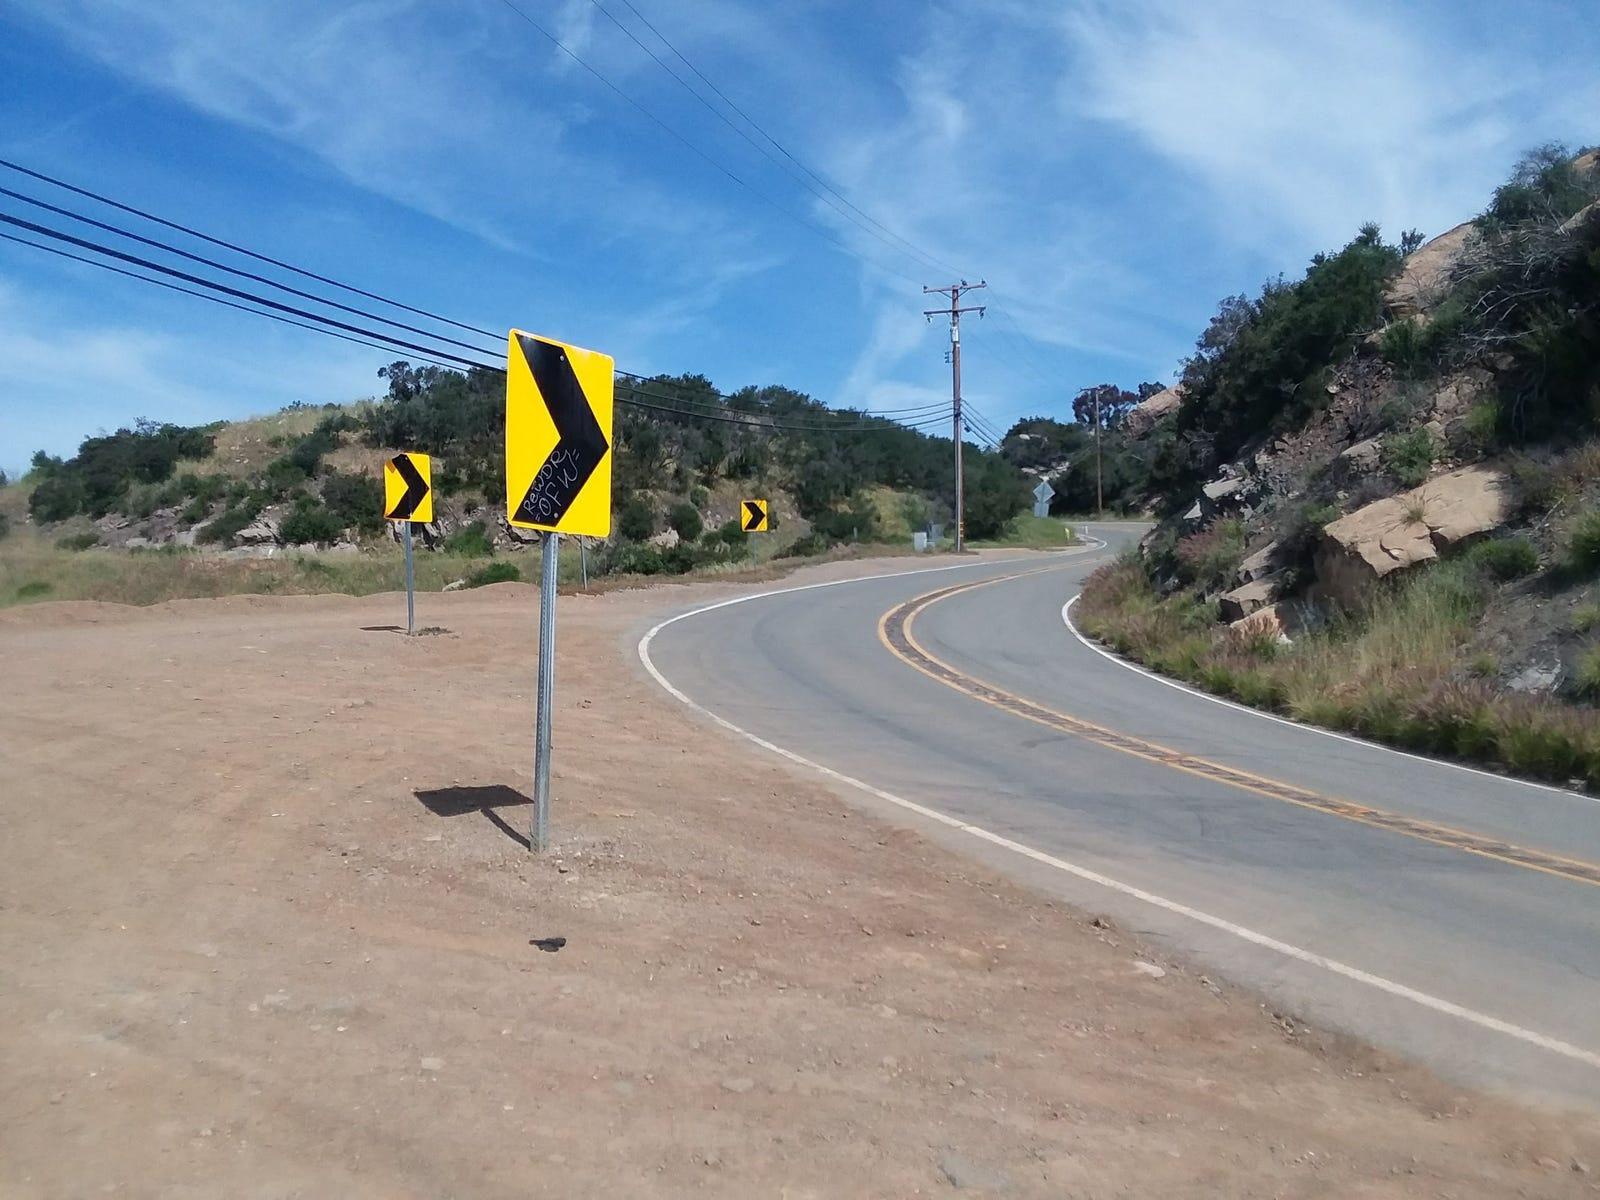 Our drive included Latigo Canyon and Piuma Road